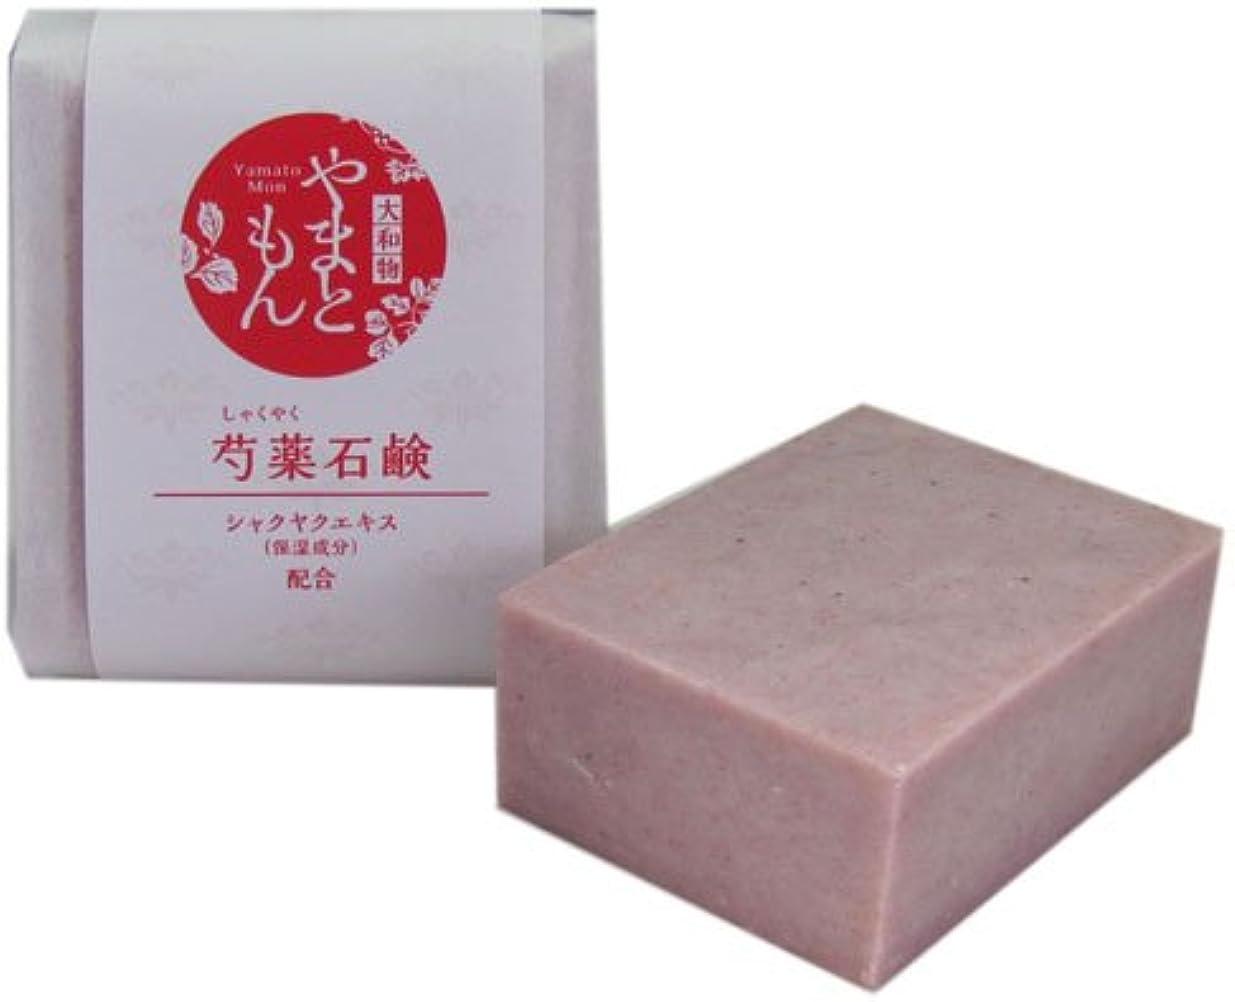 とても用心復讐奈良産和漢生薬エキス使用やまともん化粧品 芍薬石鹸(しゃくやくせっけん)